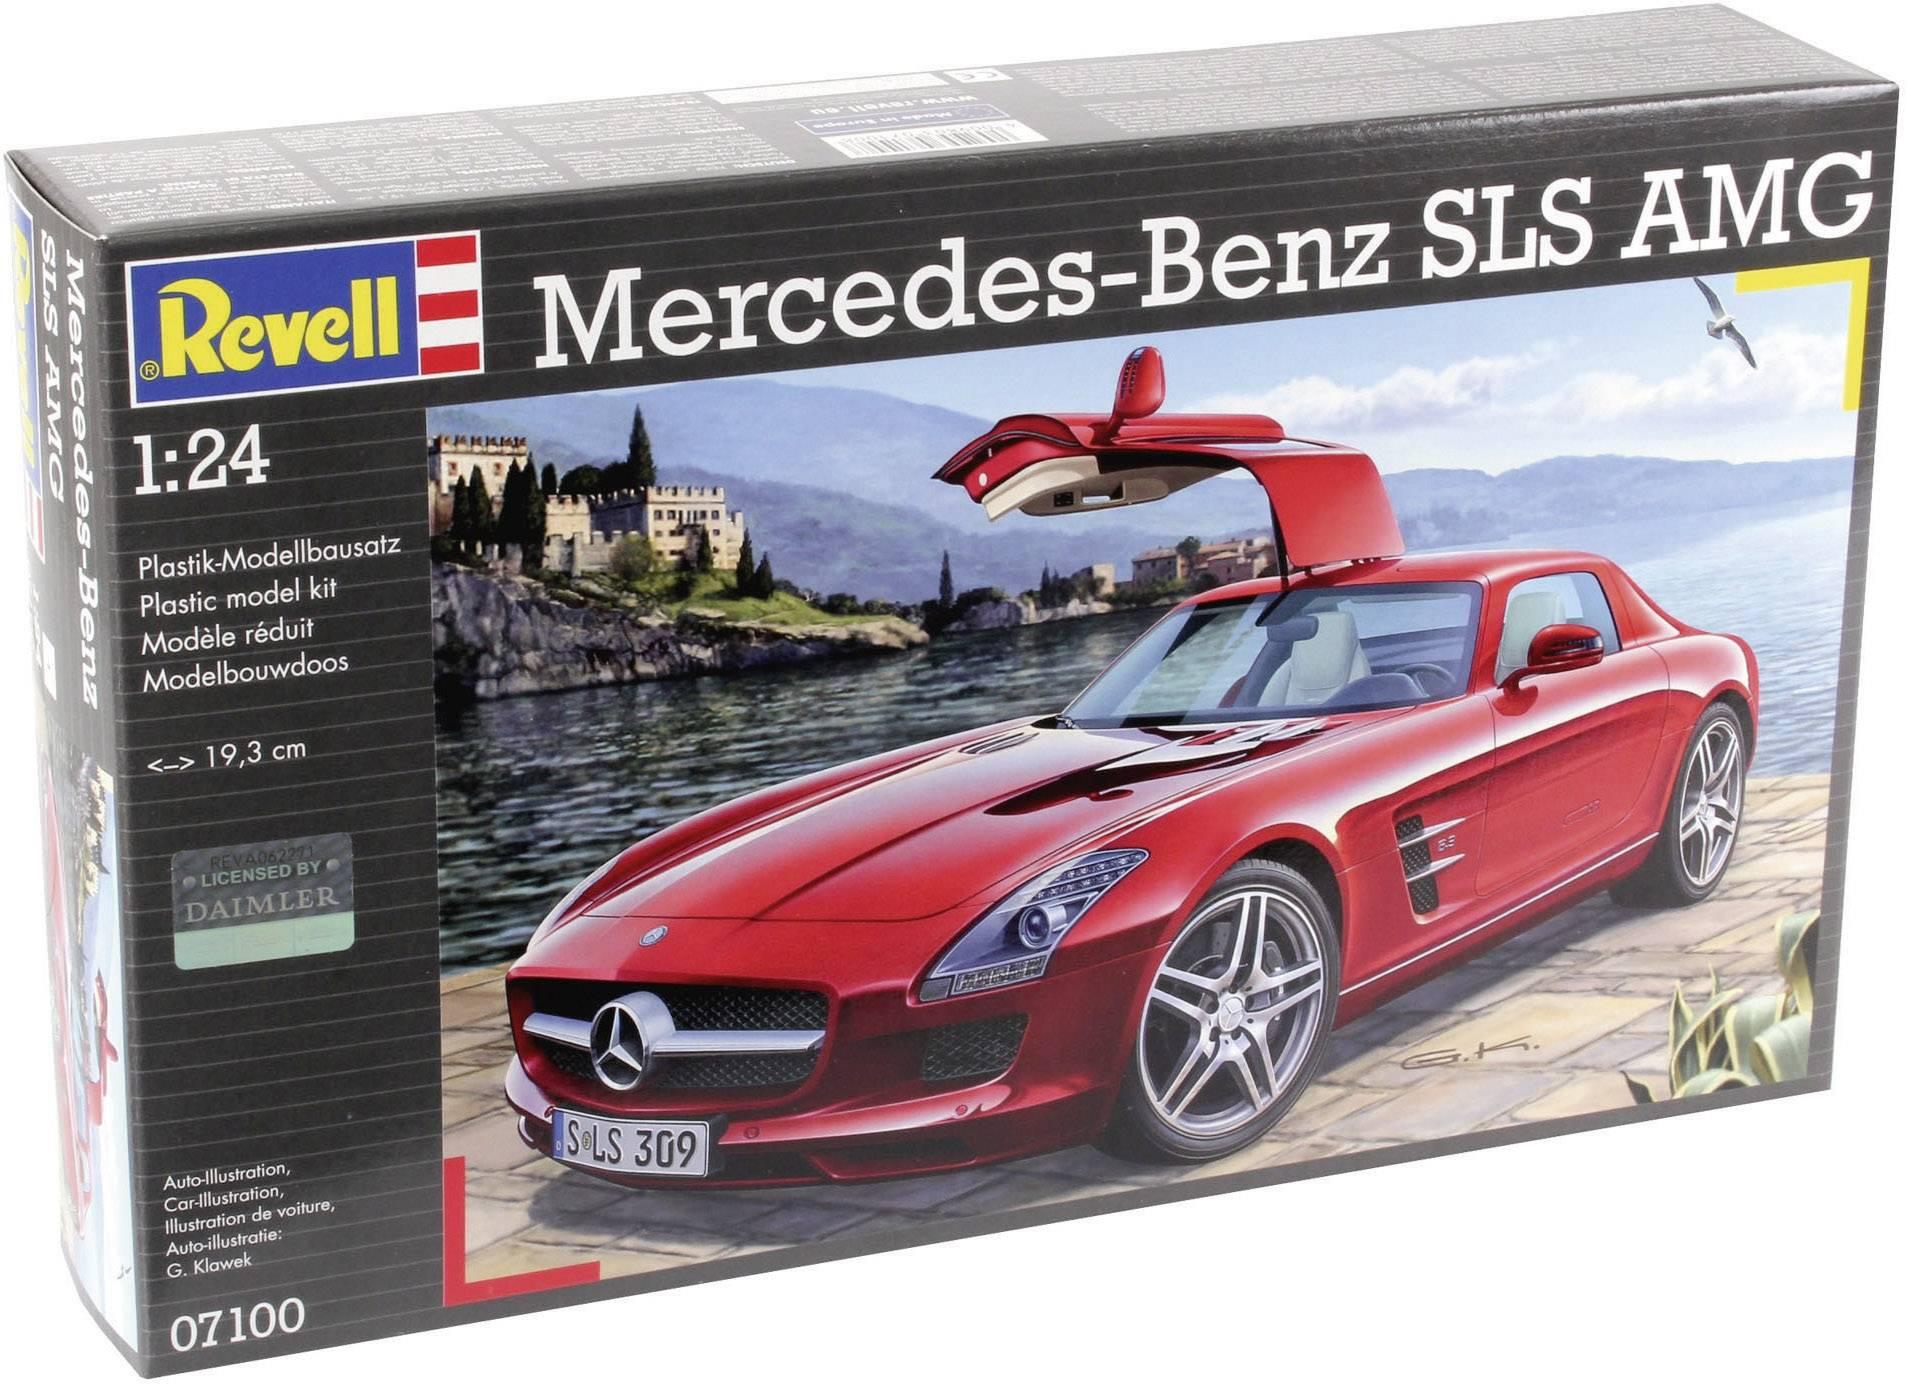 Model samochodu do sklejania Revell Mercedes SLS AMG 1 24